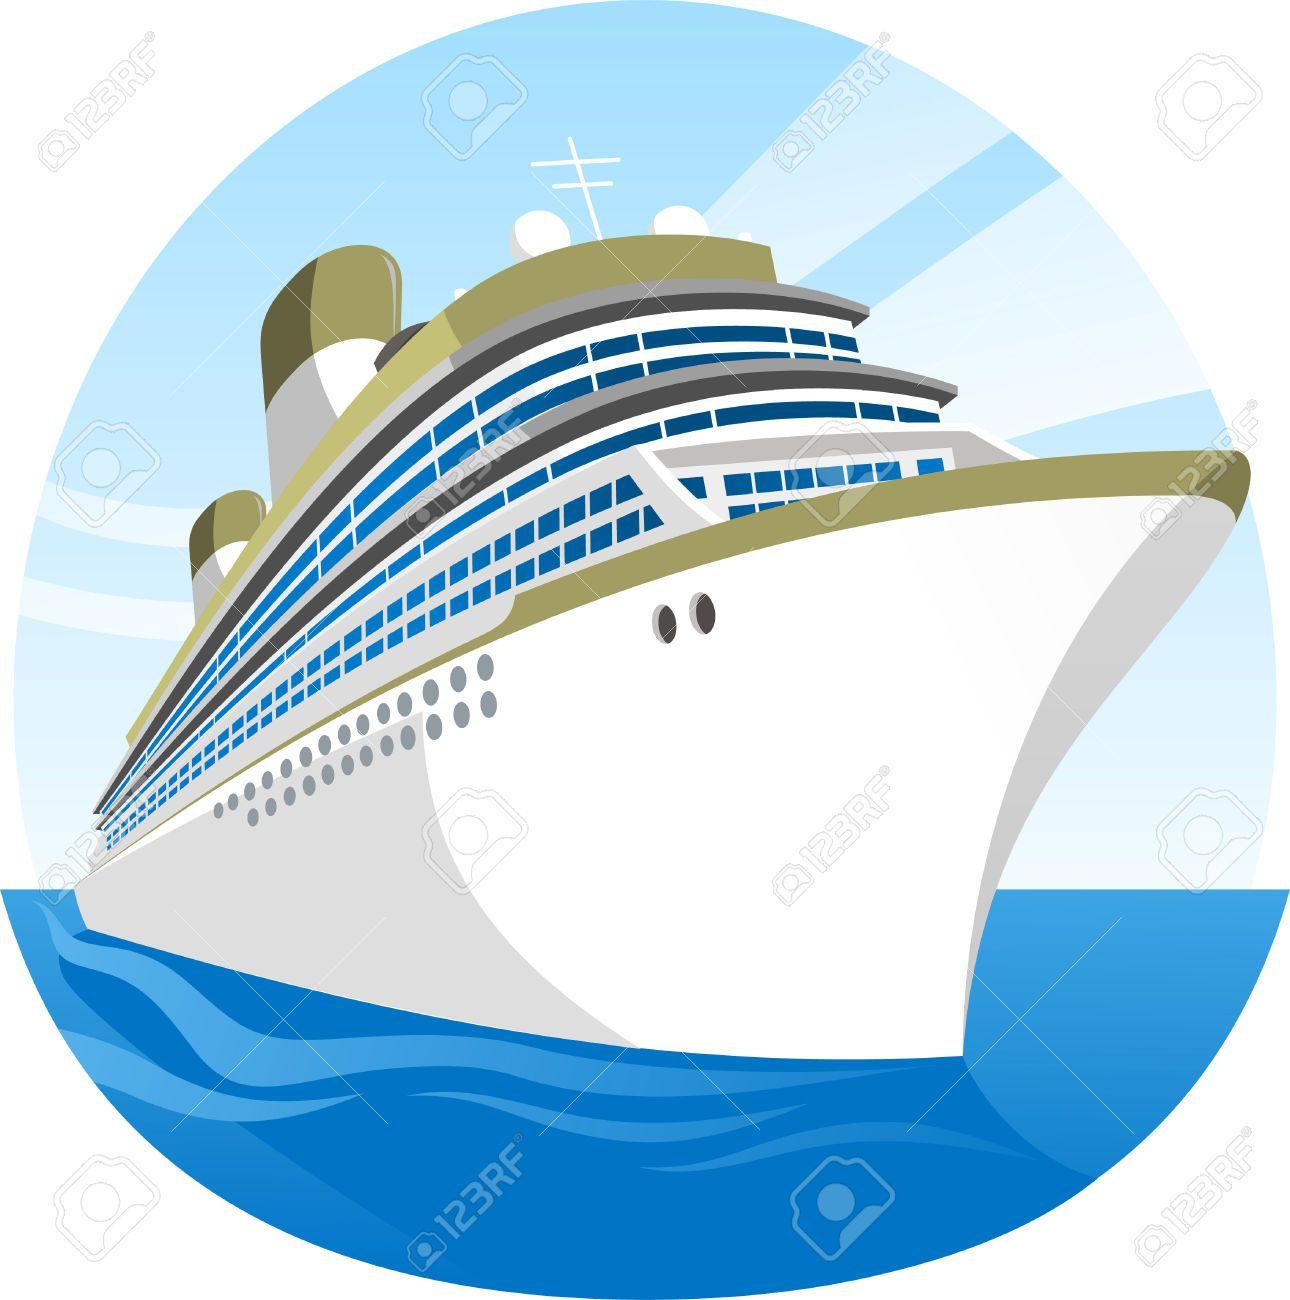 1290x1300 Disney Cruise Ship Clip Art